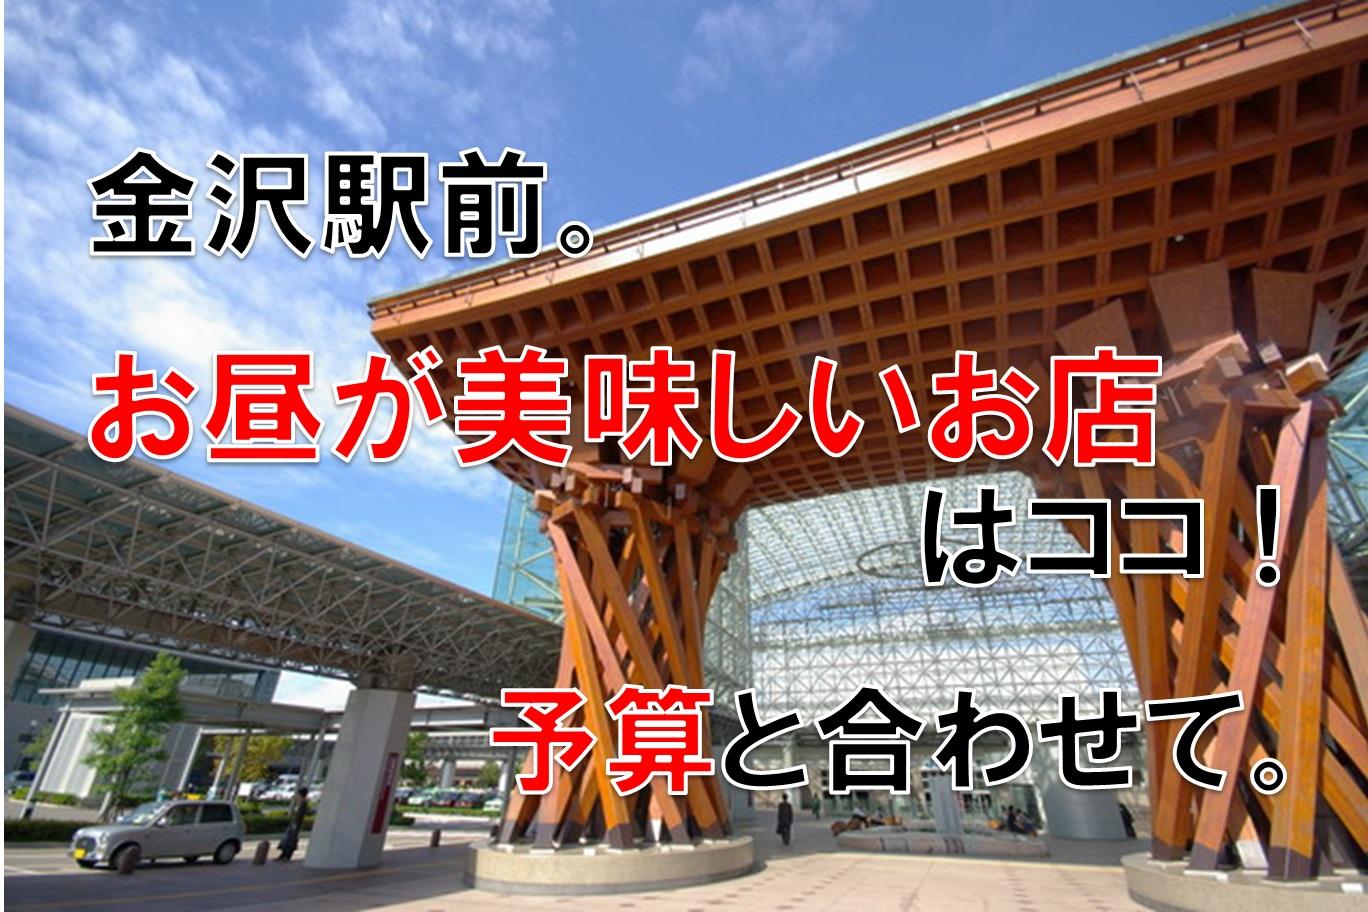 金沢駅前 ランチが美味しいお店はココ!予算と合わせて。